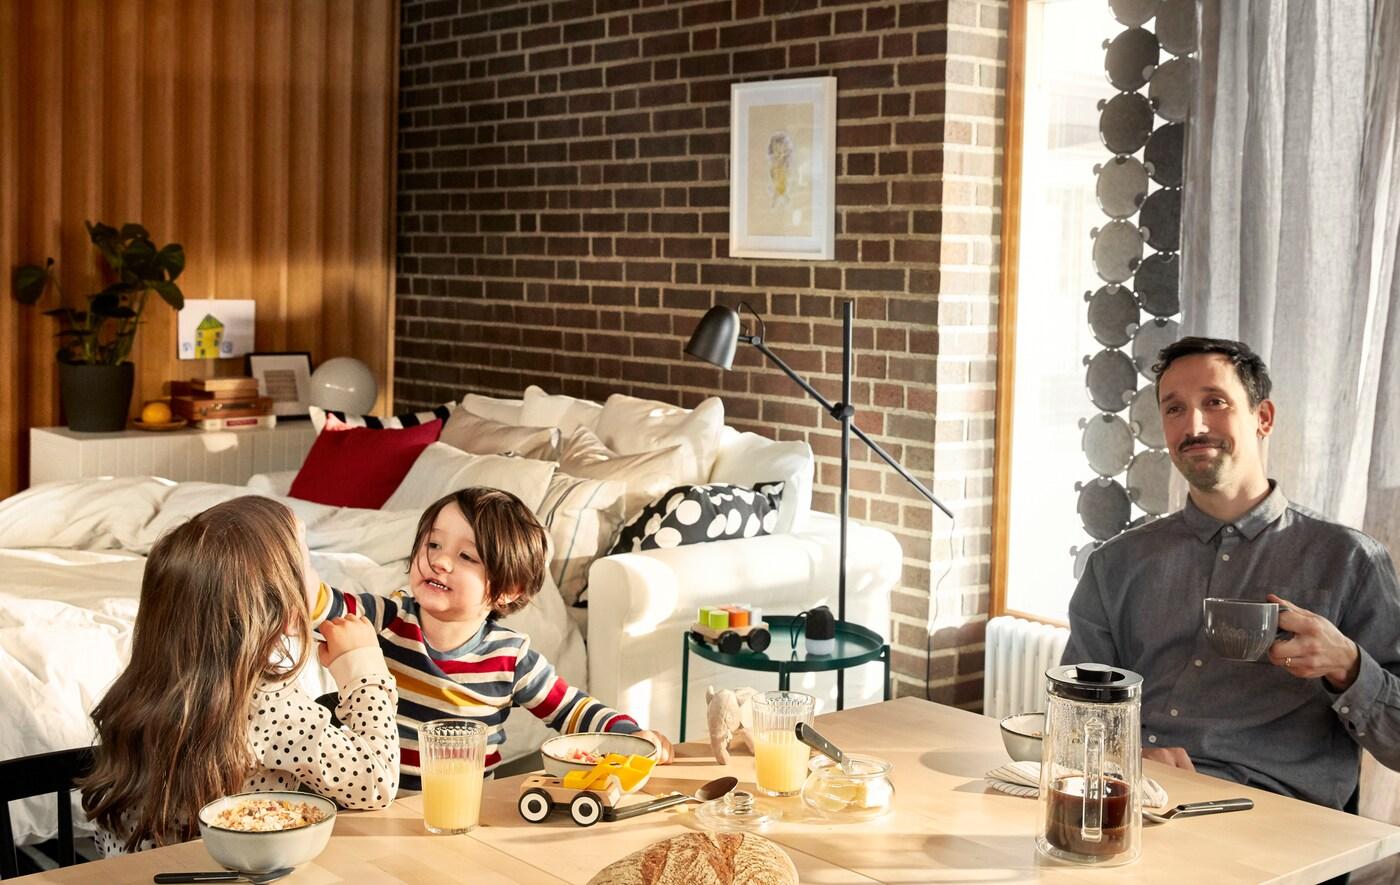 Un padre, tranquillamente seduto al tavolo della colazione, beve un caffè mentre i figli giocano accanto a lui - IKEA